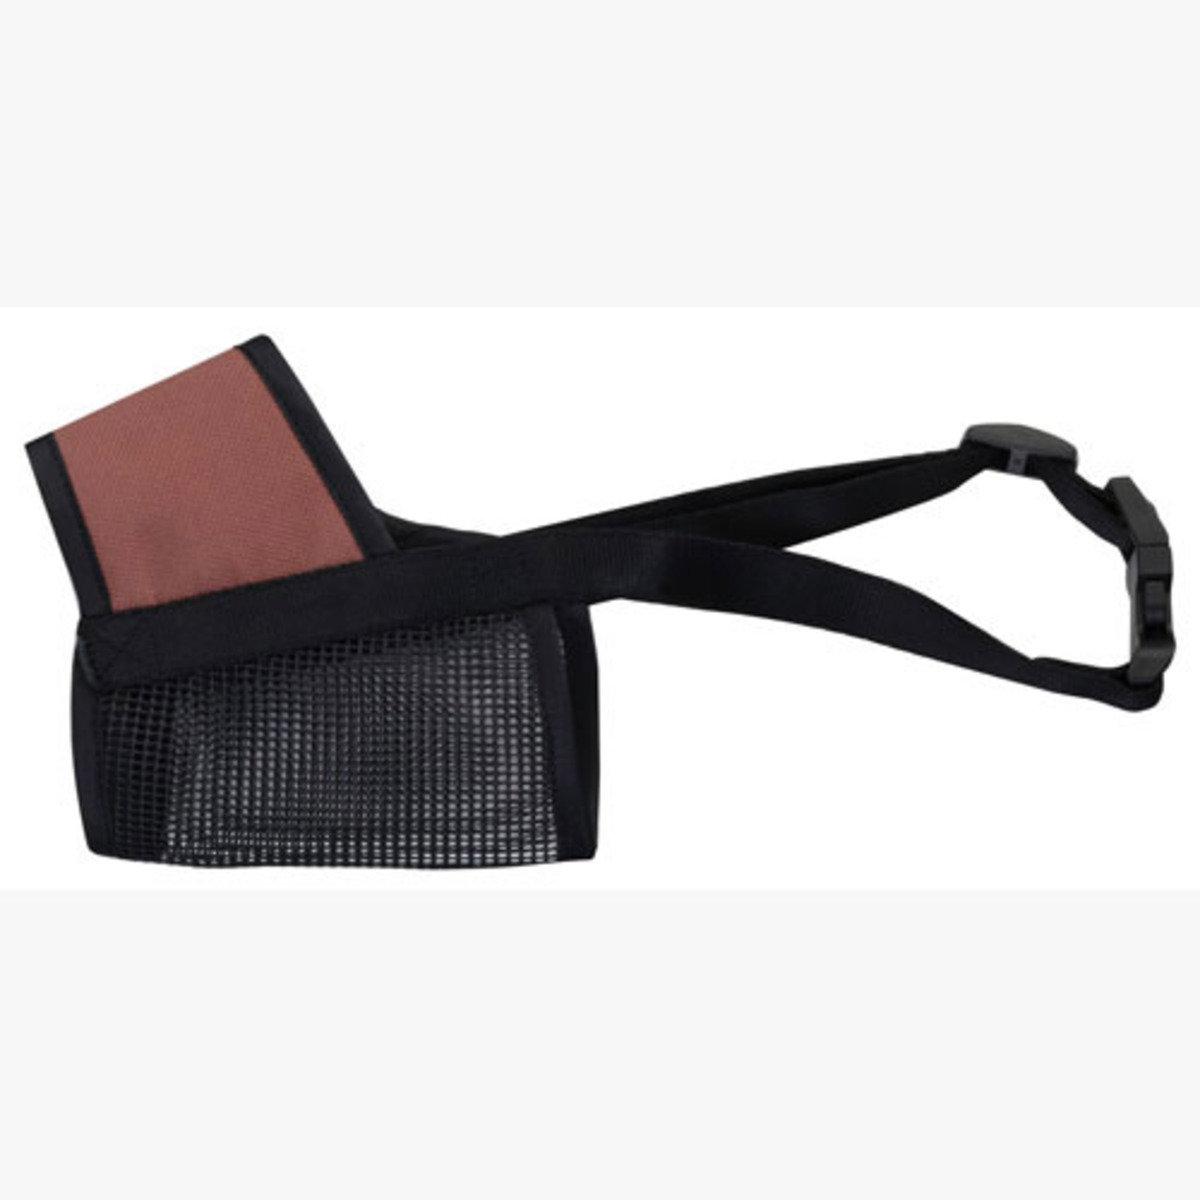 柔軟透氣口罩 #3(W53102)